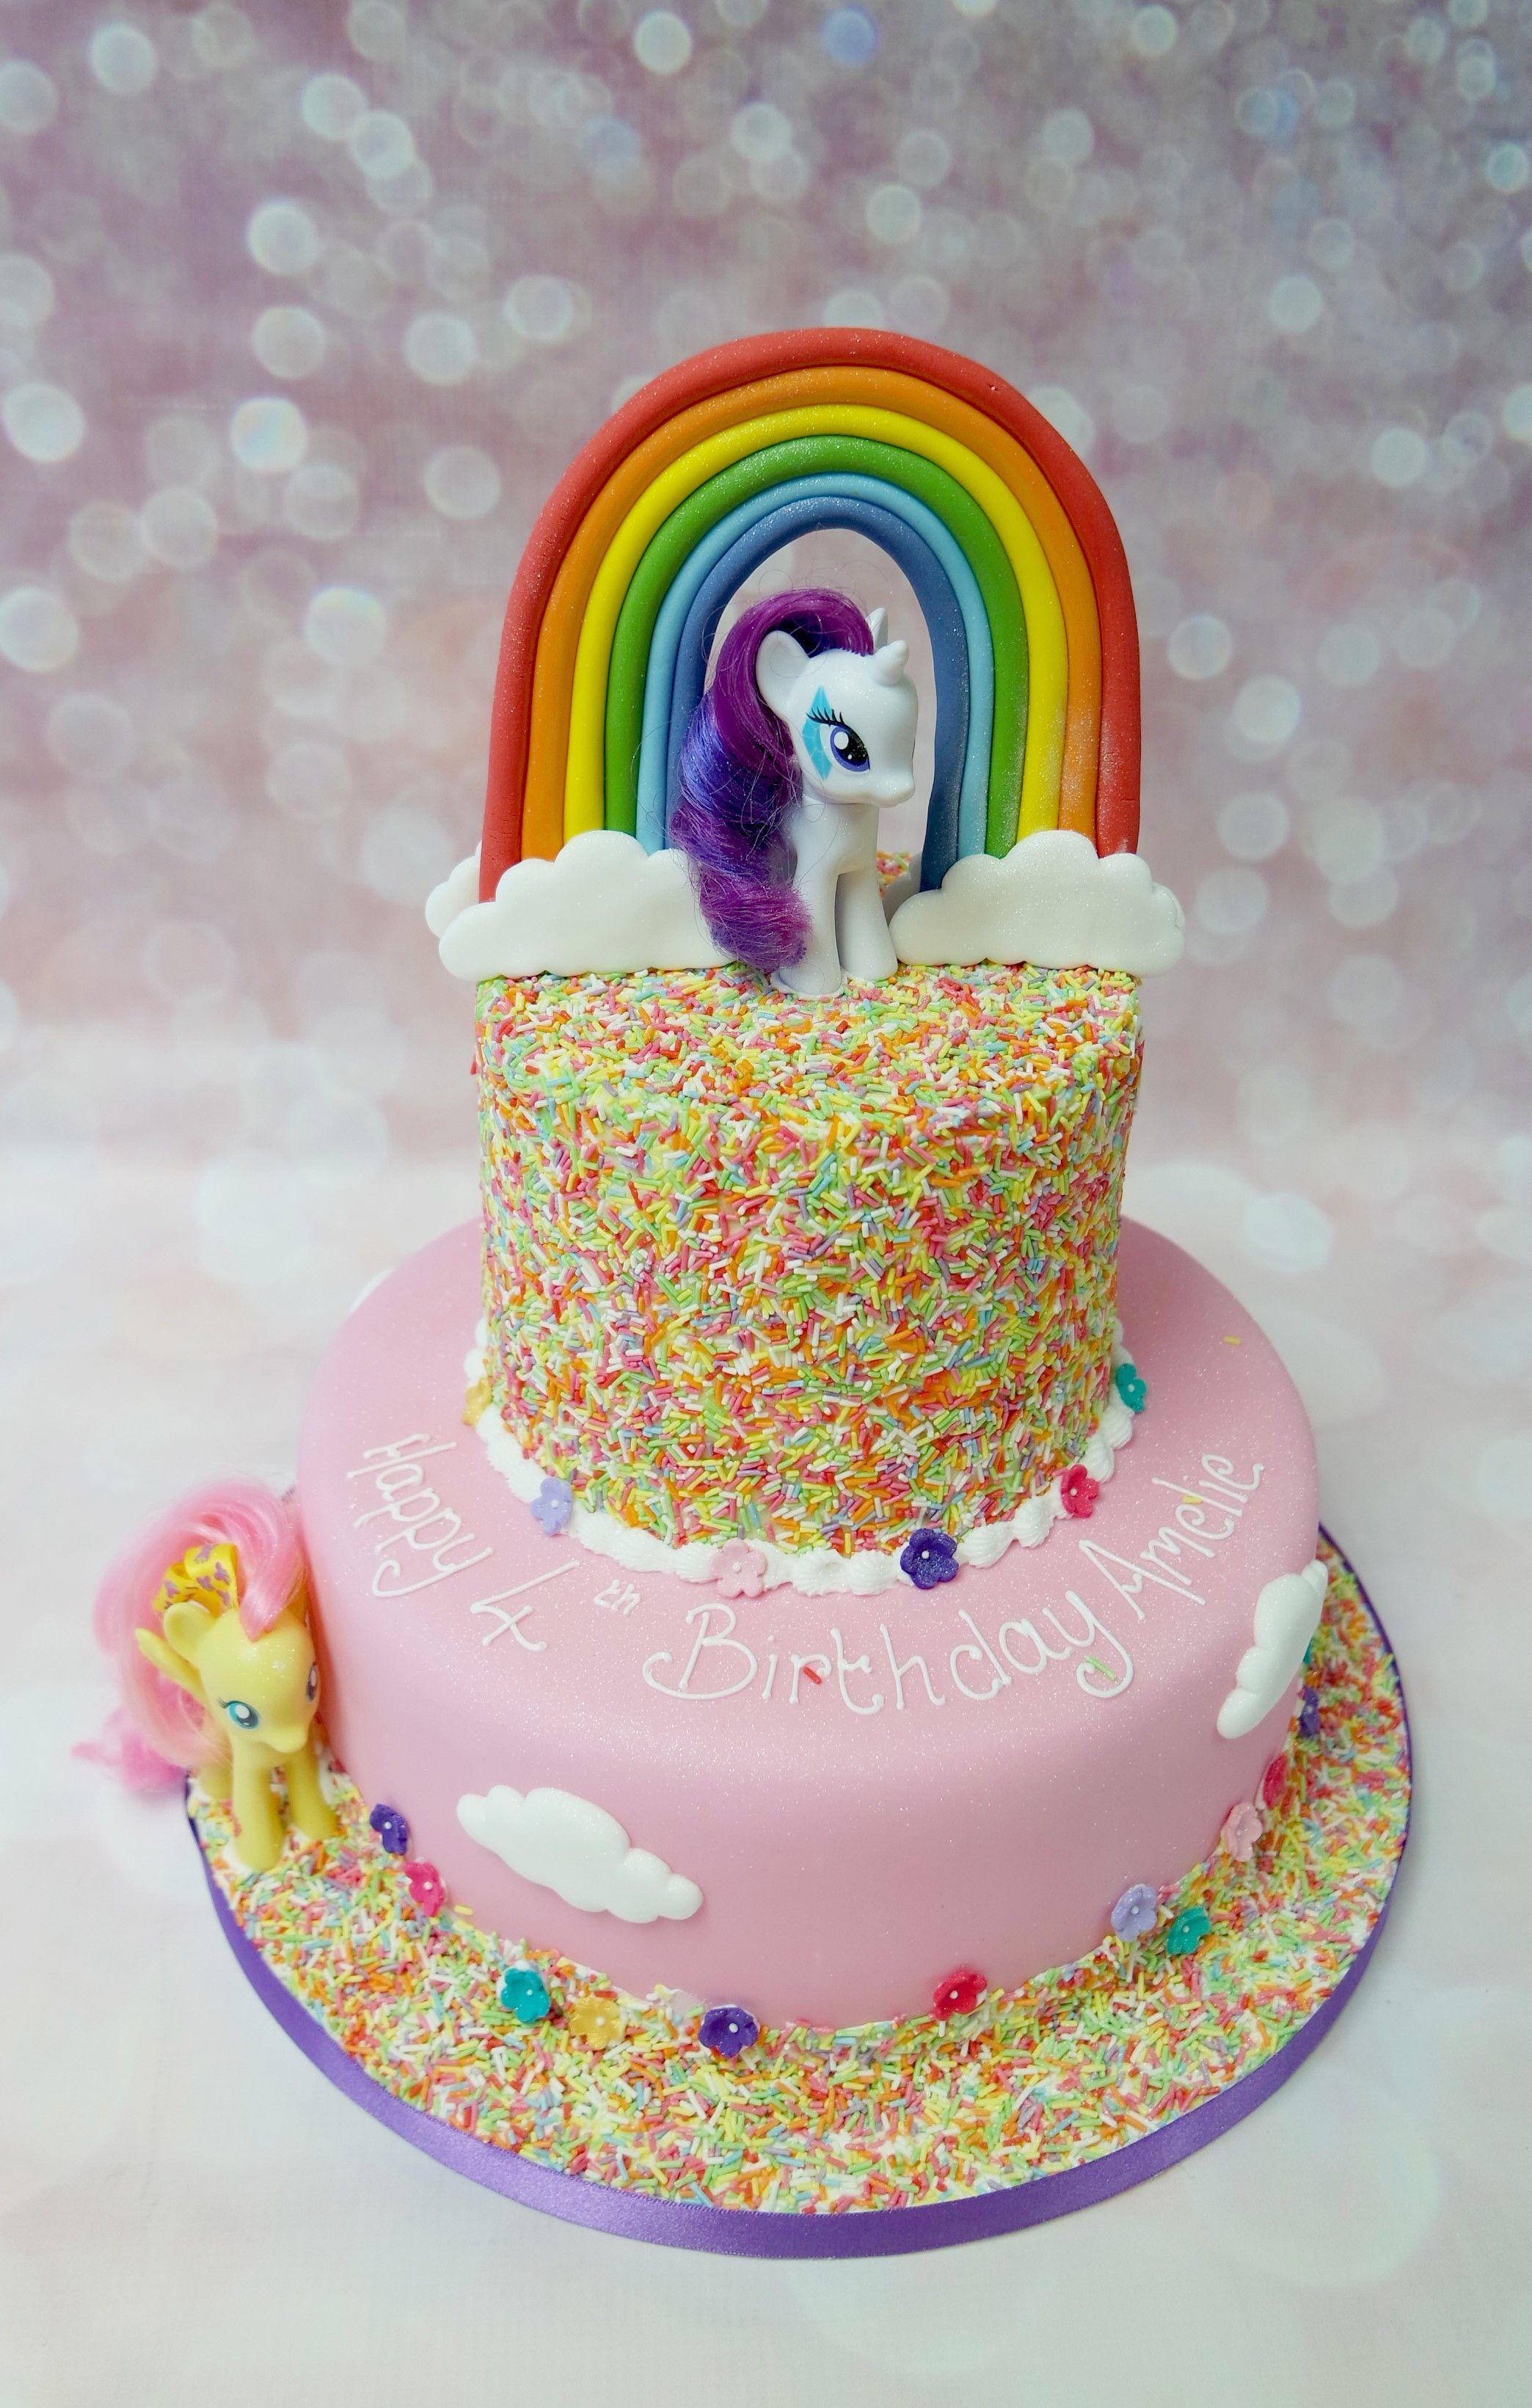 A little girls dream cake!